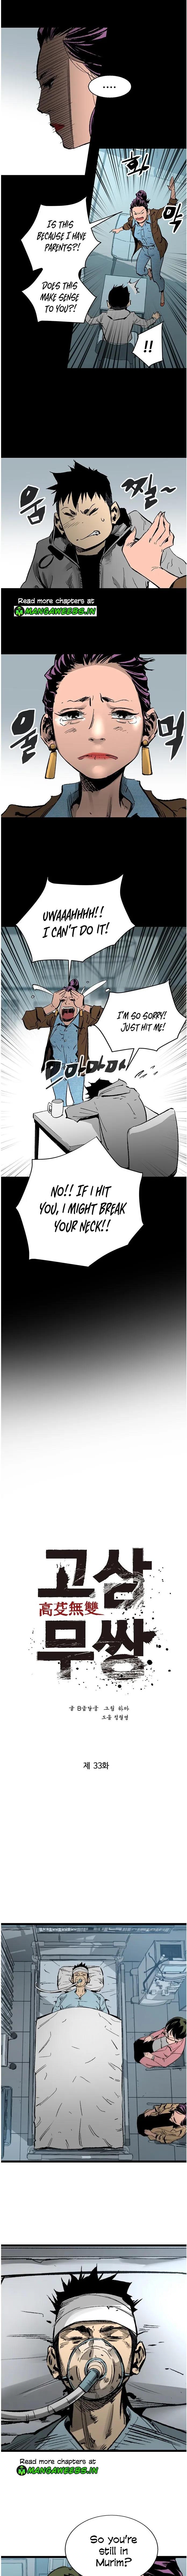 Gosam Mussang Chapter 33 page 10 - Mangakakalots.com